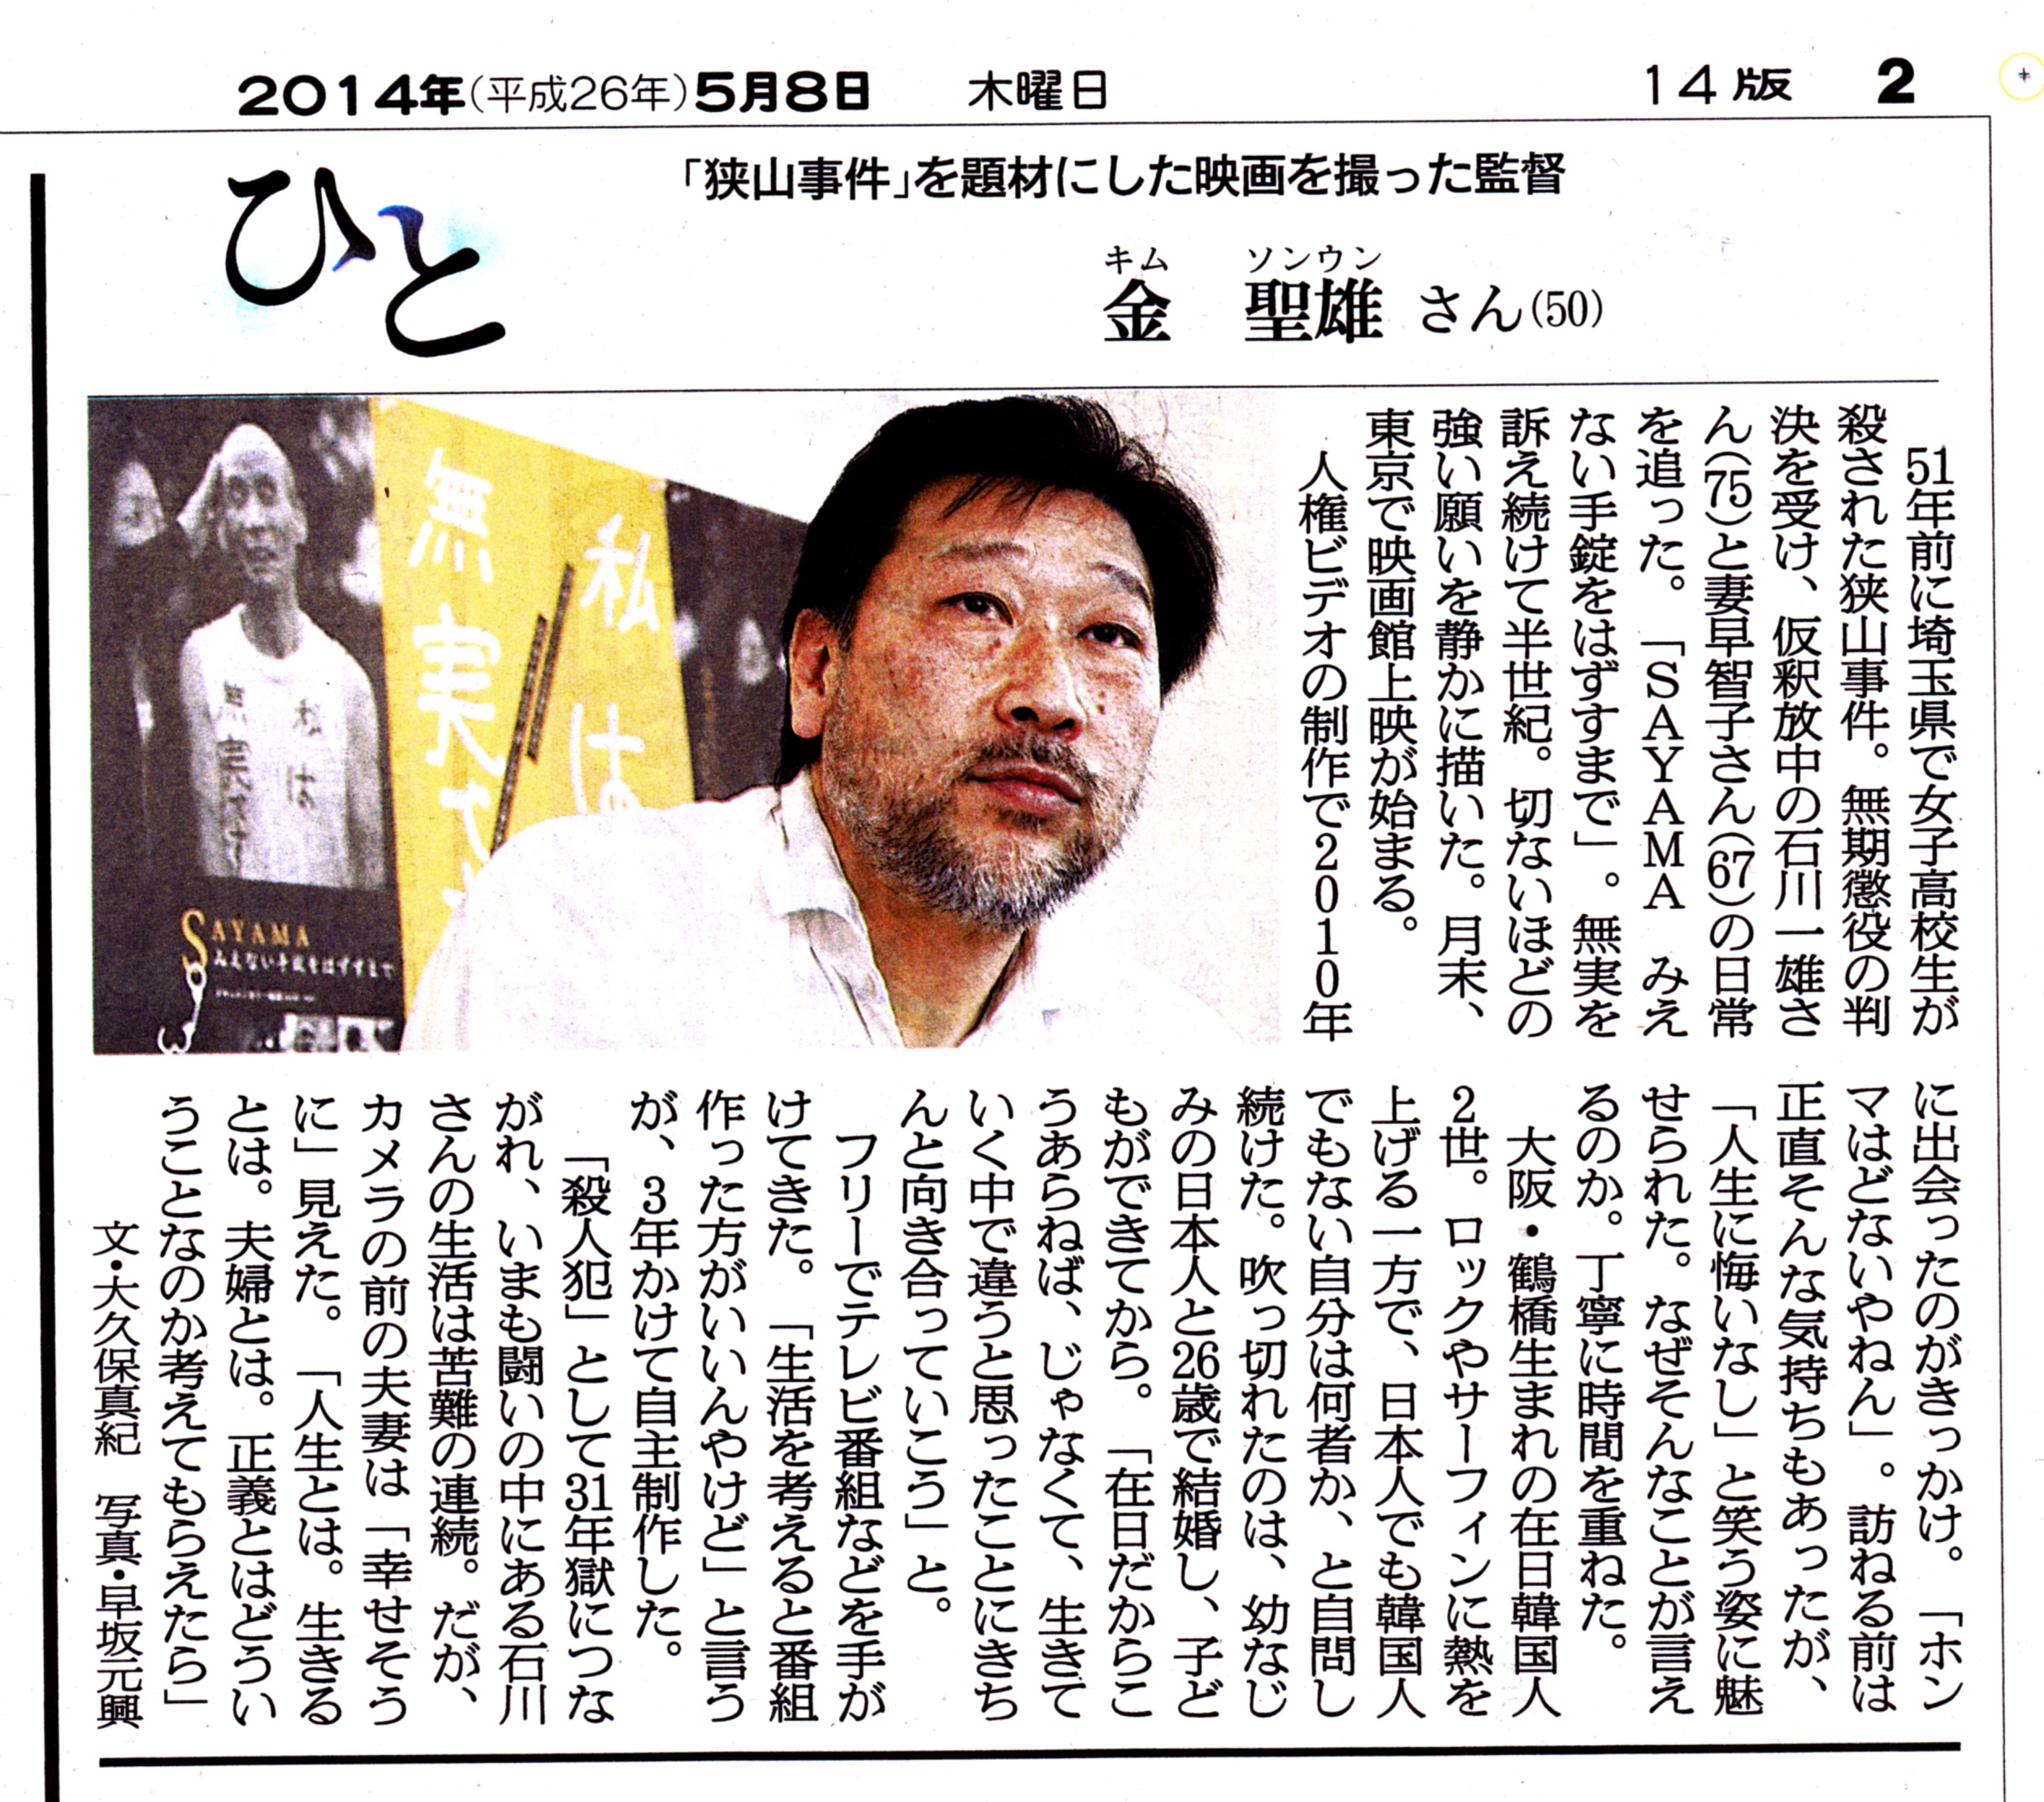 朝日新聞 ひと 2014.05.08